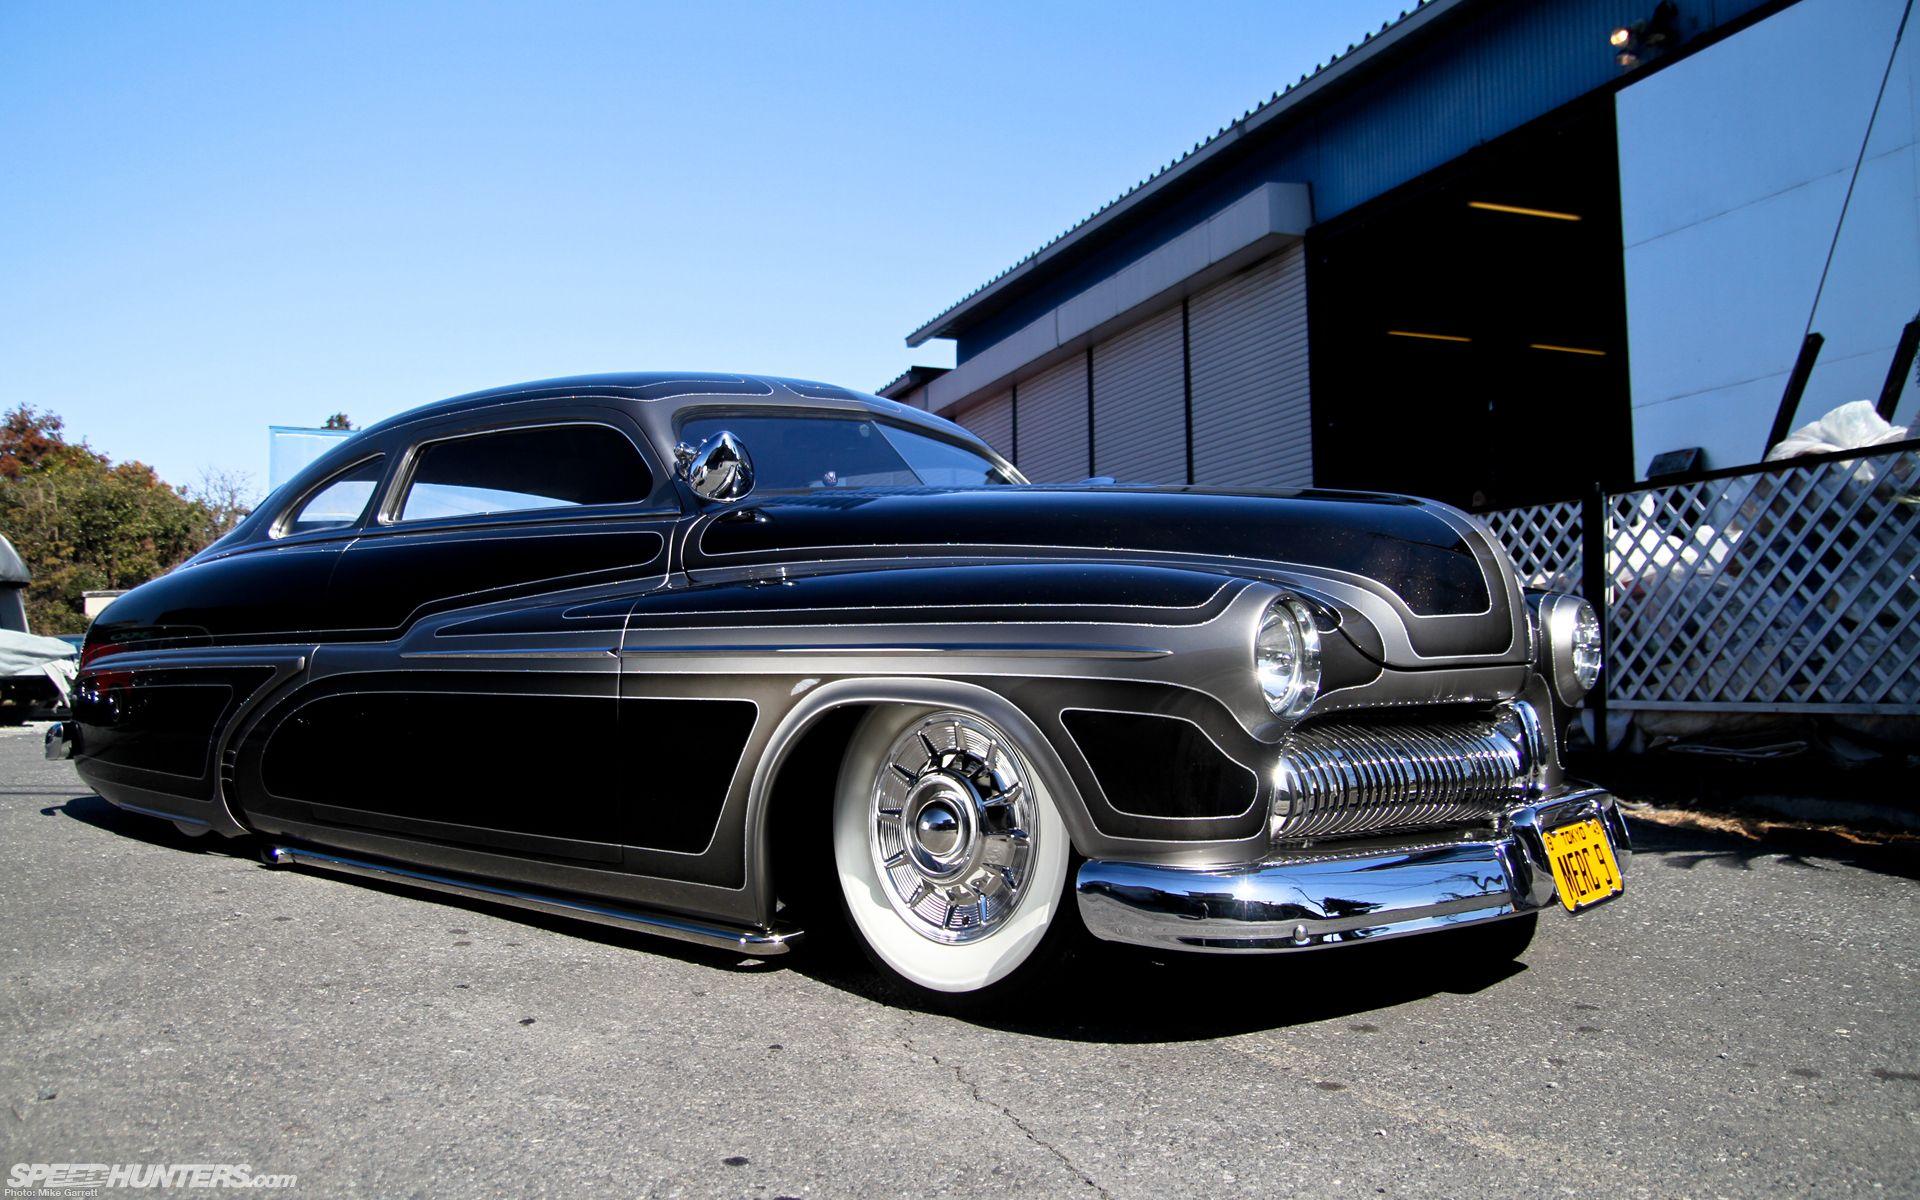 mercury classic   Classic Car Hot Rod Mercury Free Pictures ...